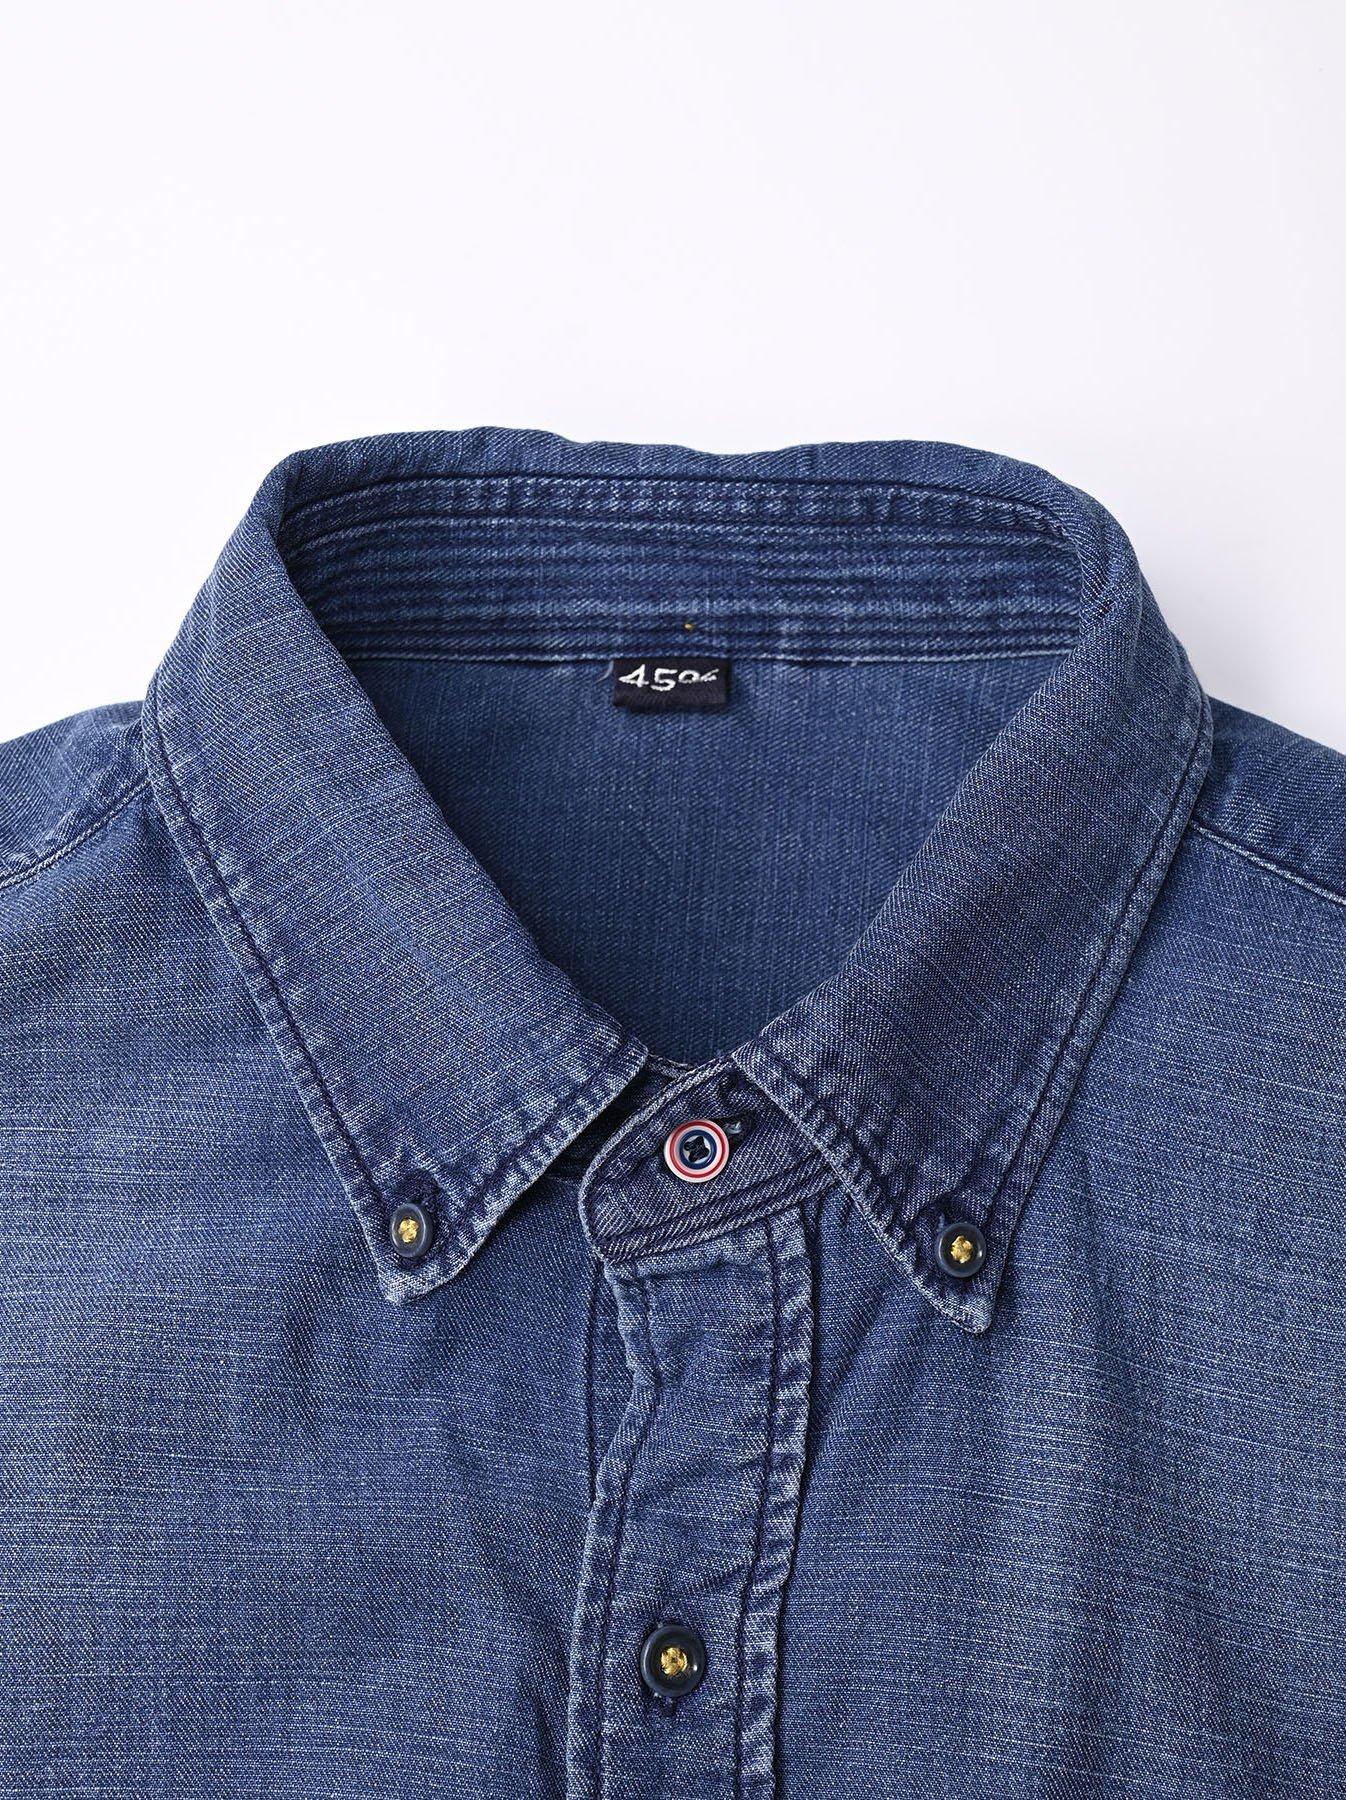 Goma Denim Ocean Button Down Shirt-7